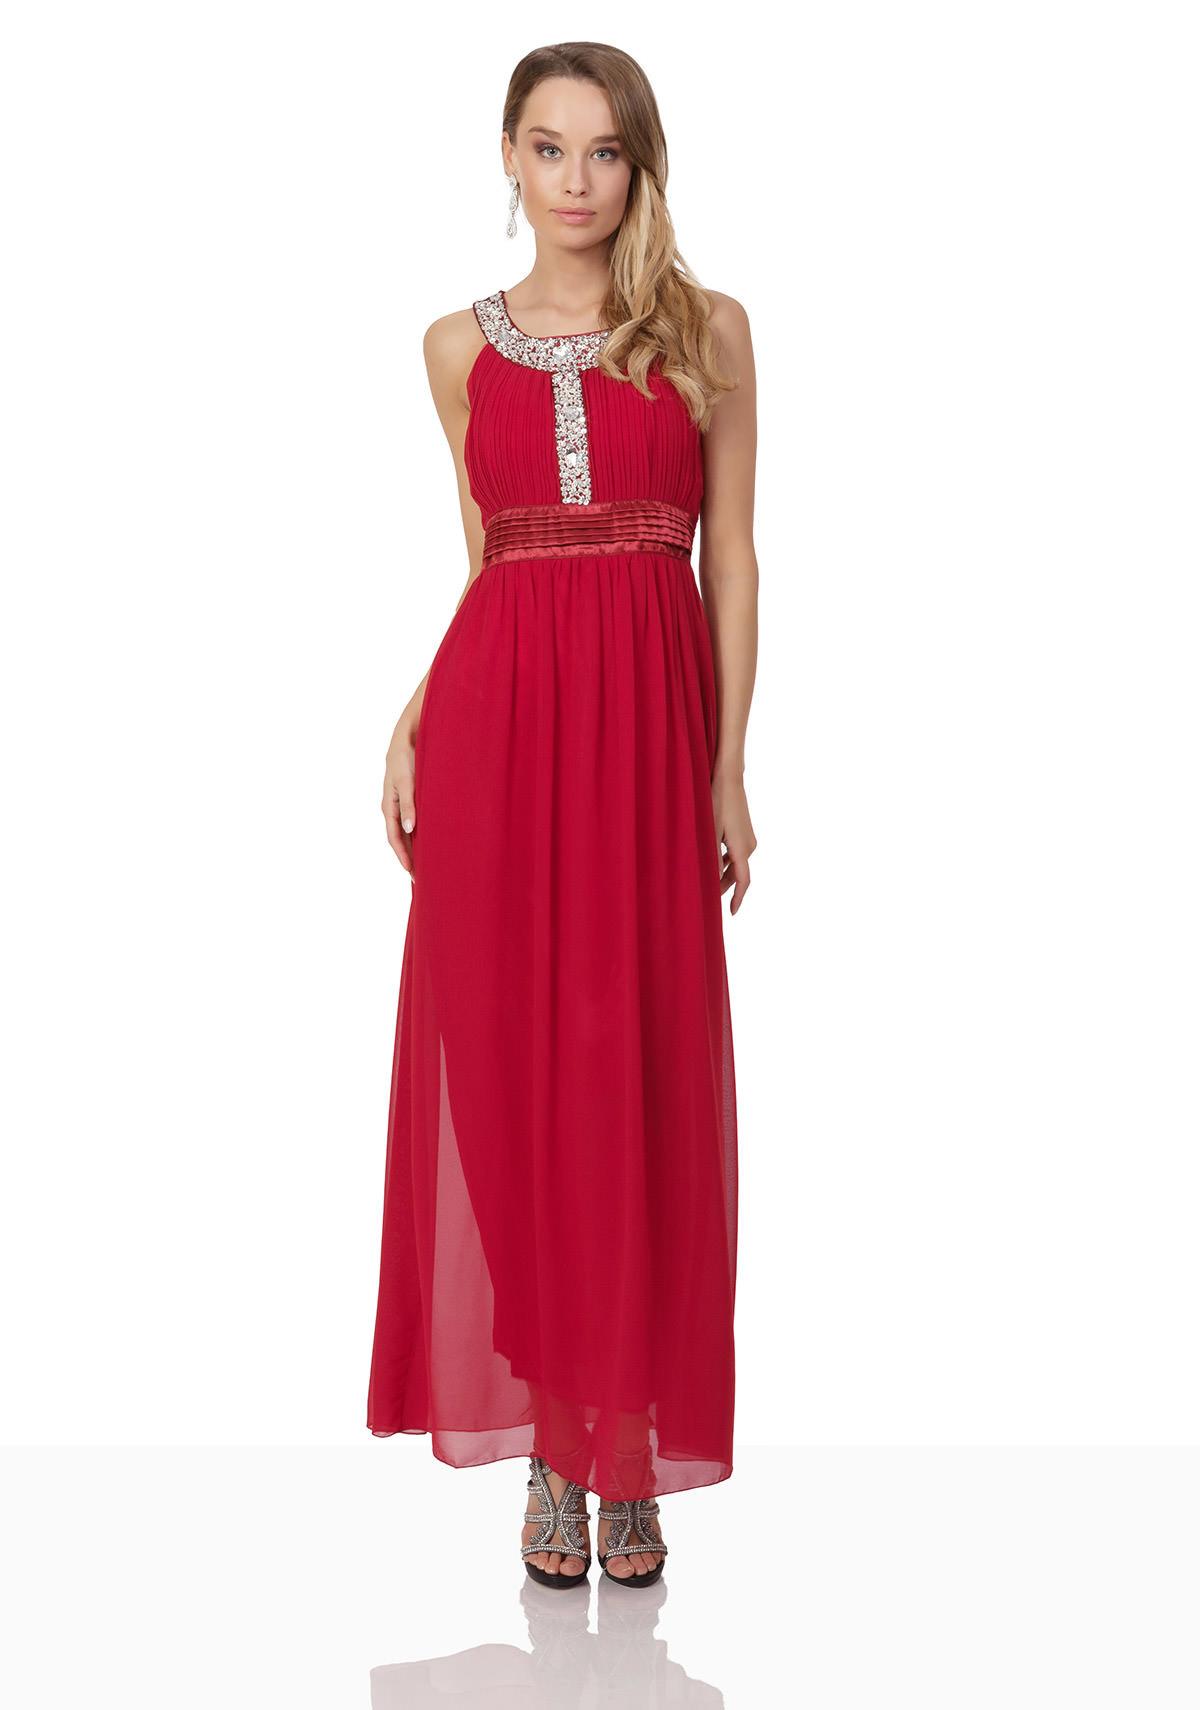 Designer Einfach Abendkleider Qualität Vertrieb20 Genial Abendkleider Qualität Ärmel